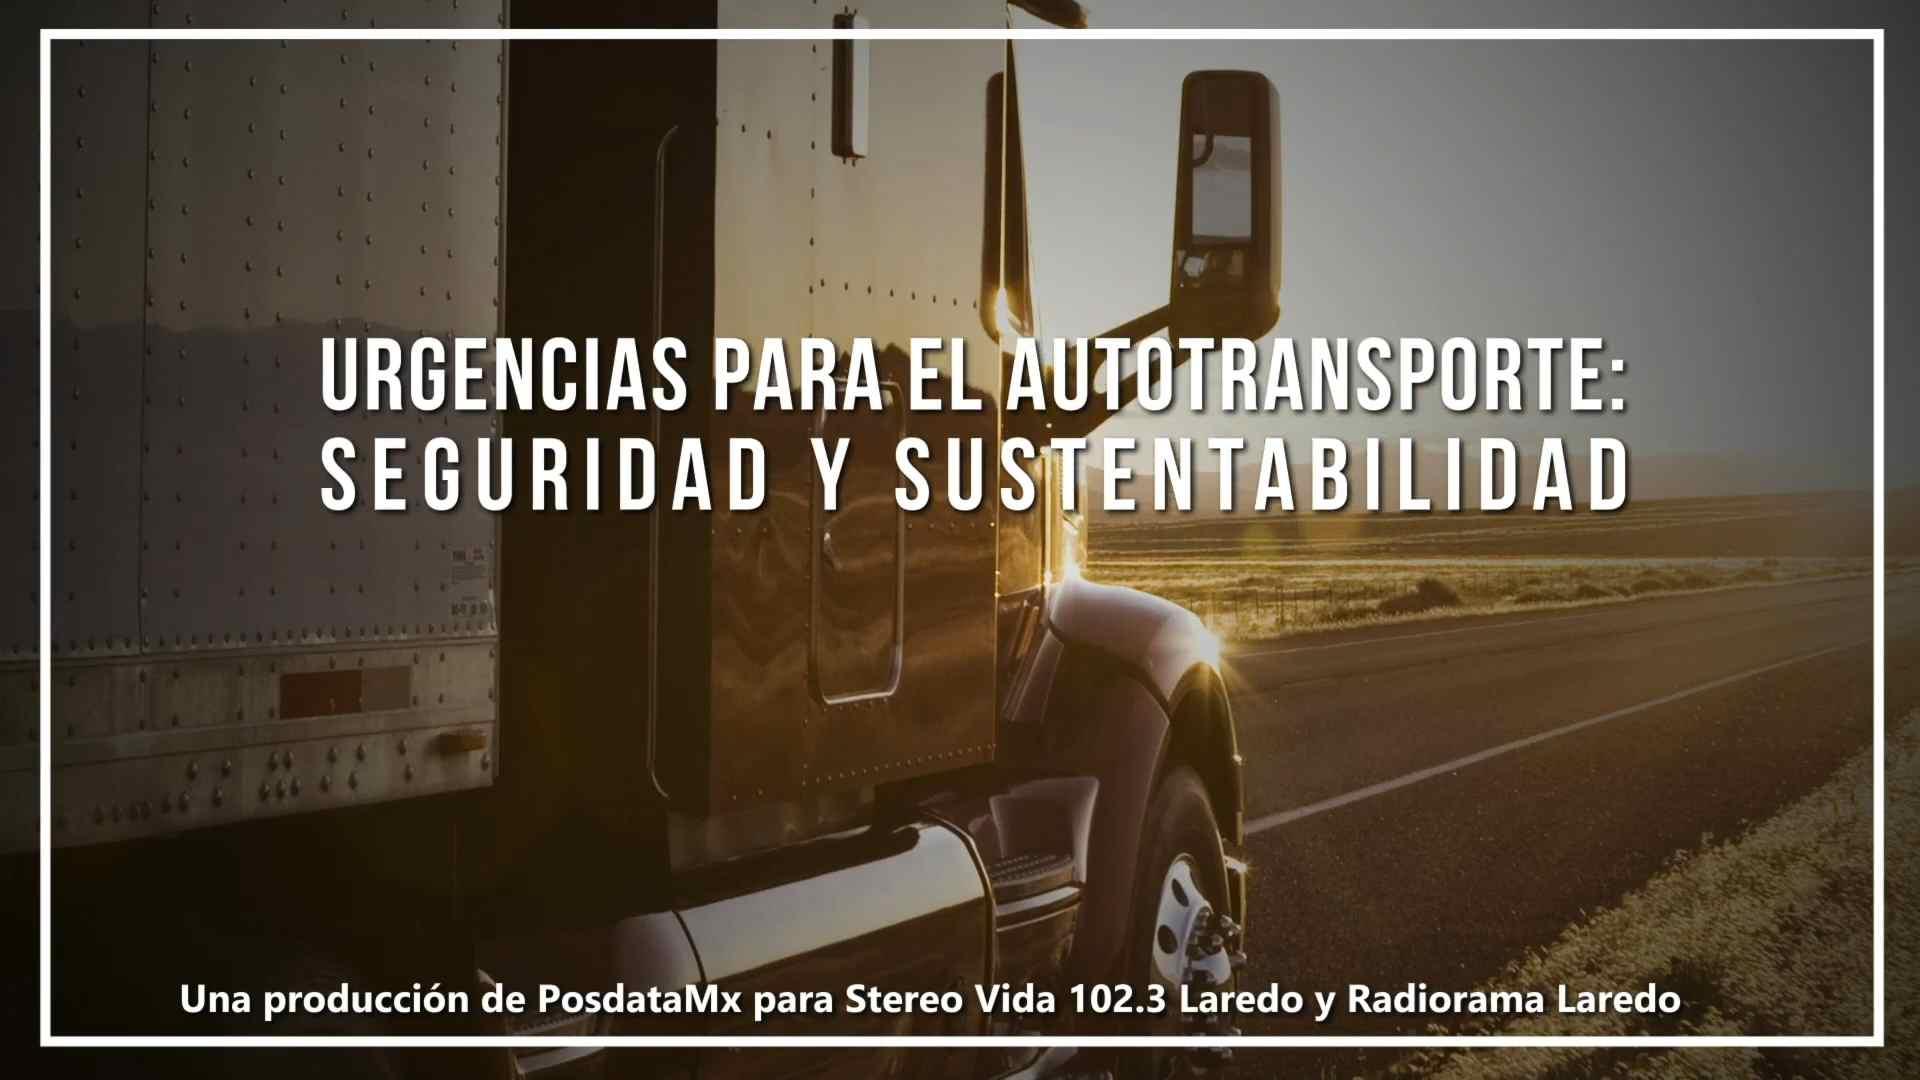 Urgencias para el autotransporte_ seguridad y sustentabilidad